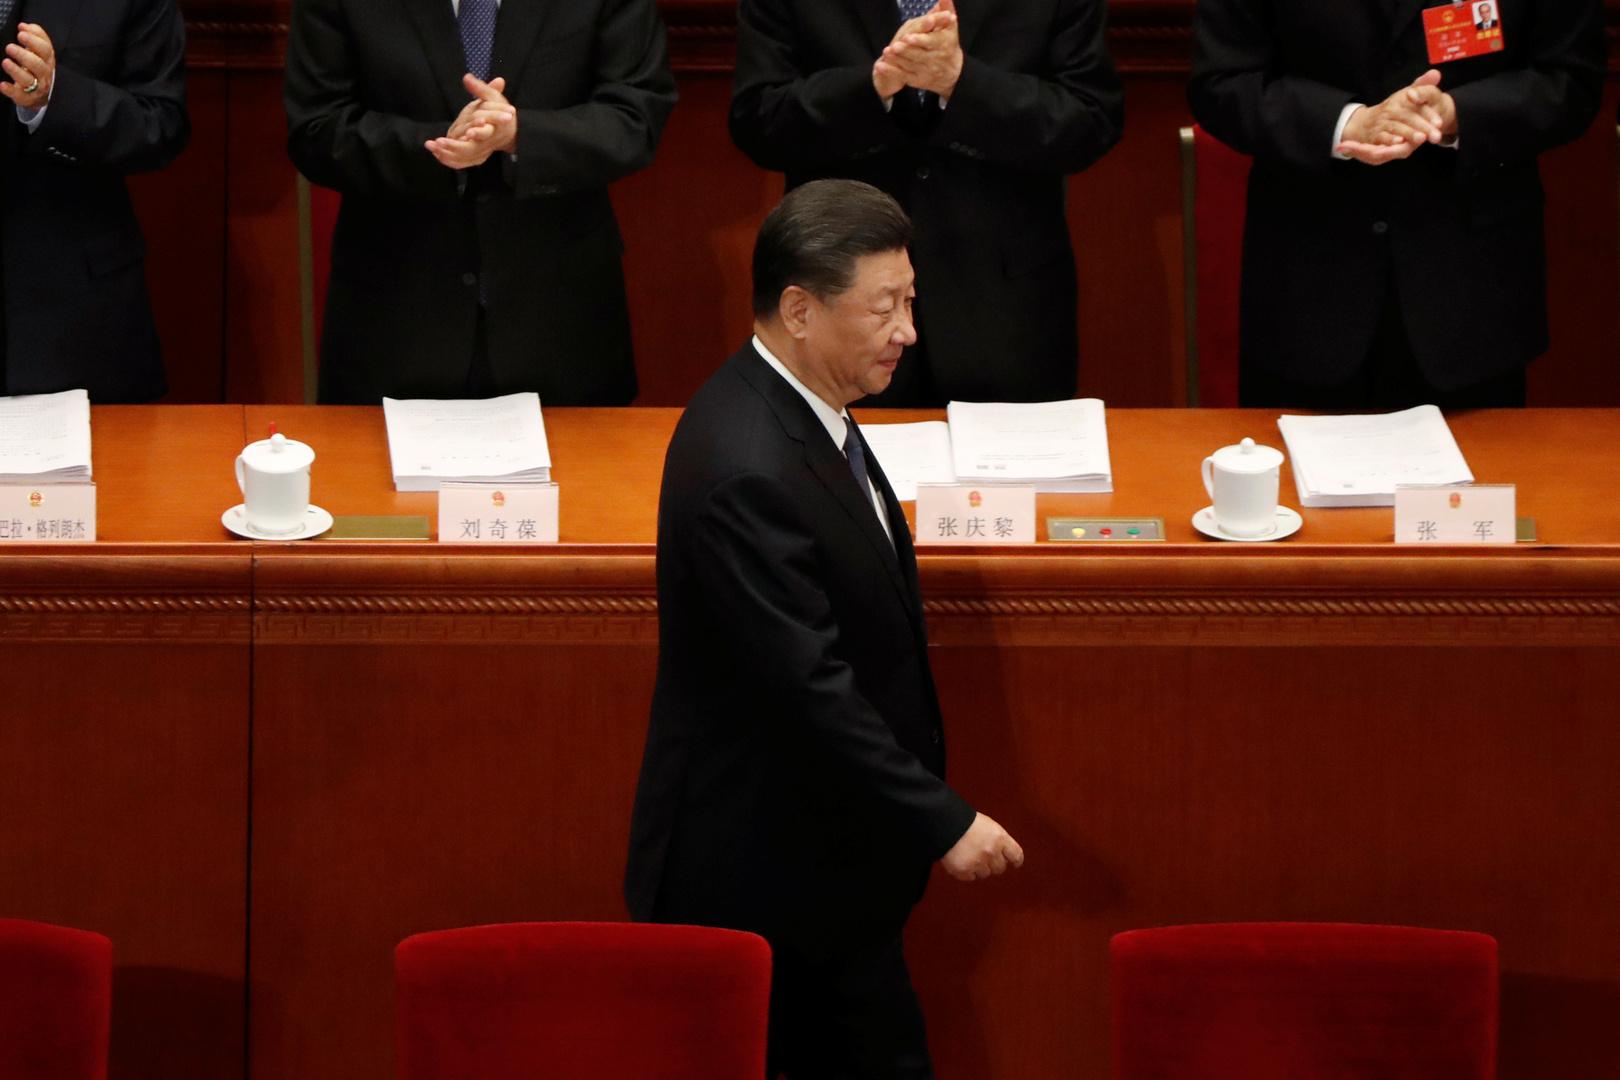 تحت ضجيج فيروس كورونا تستعد الصين لشراء نصف العالم